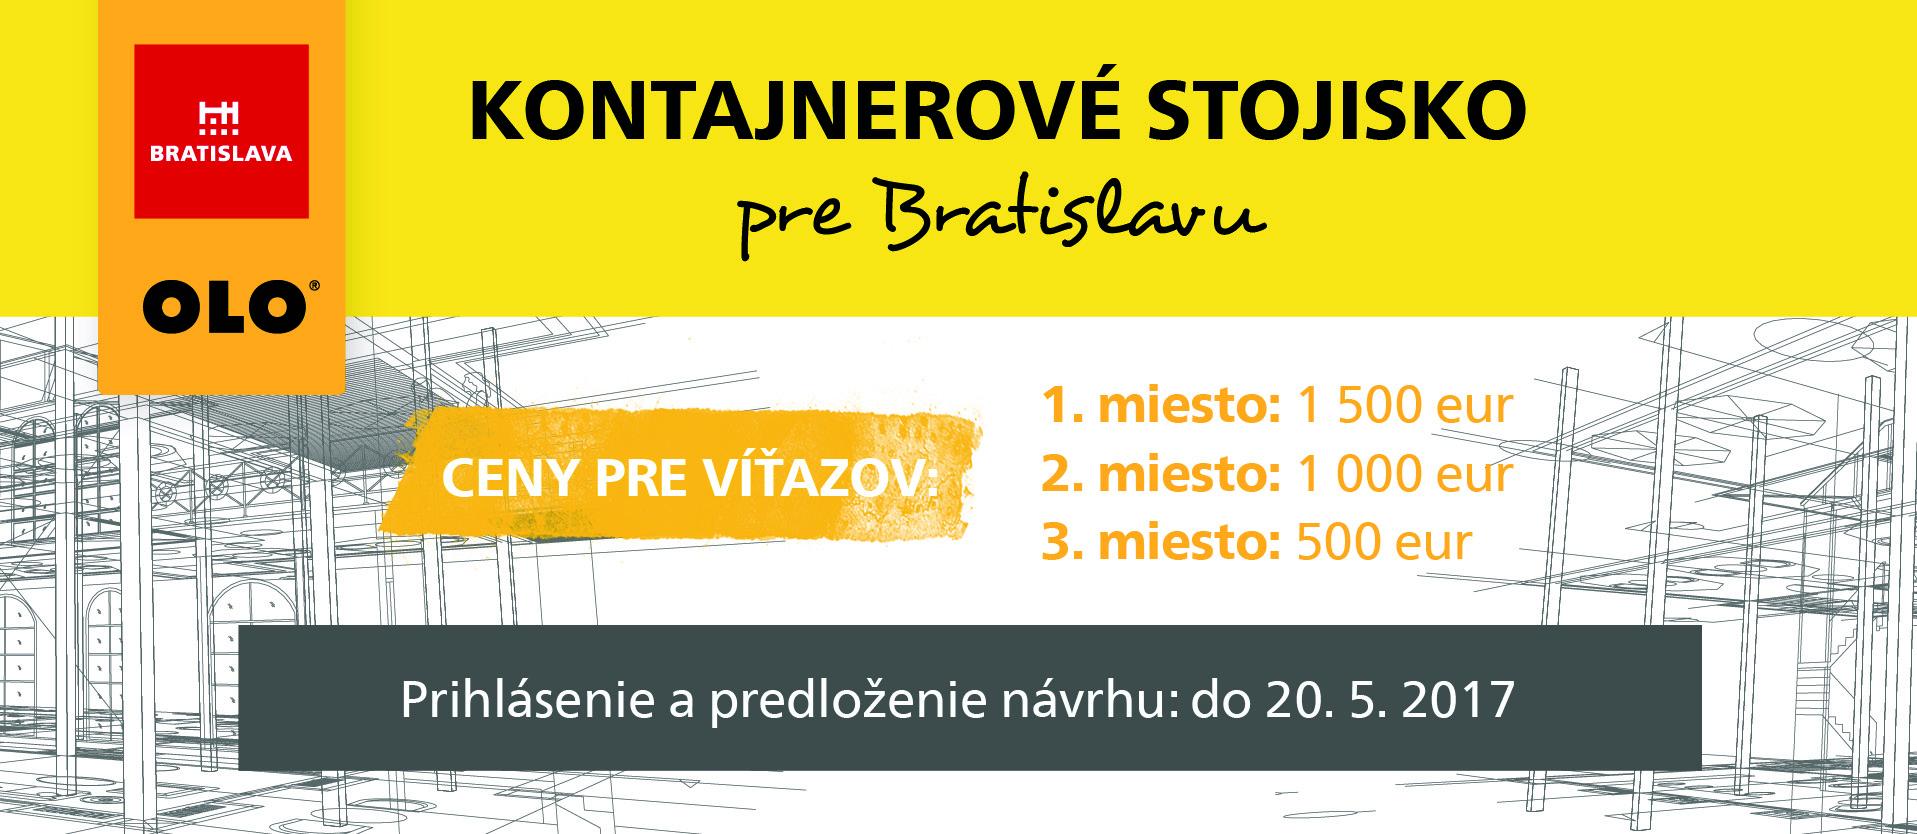 Kontajnerové stojisko pre Bratislavu